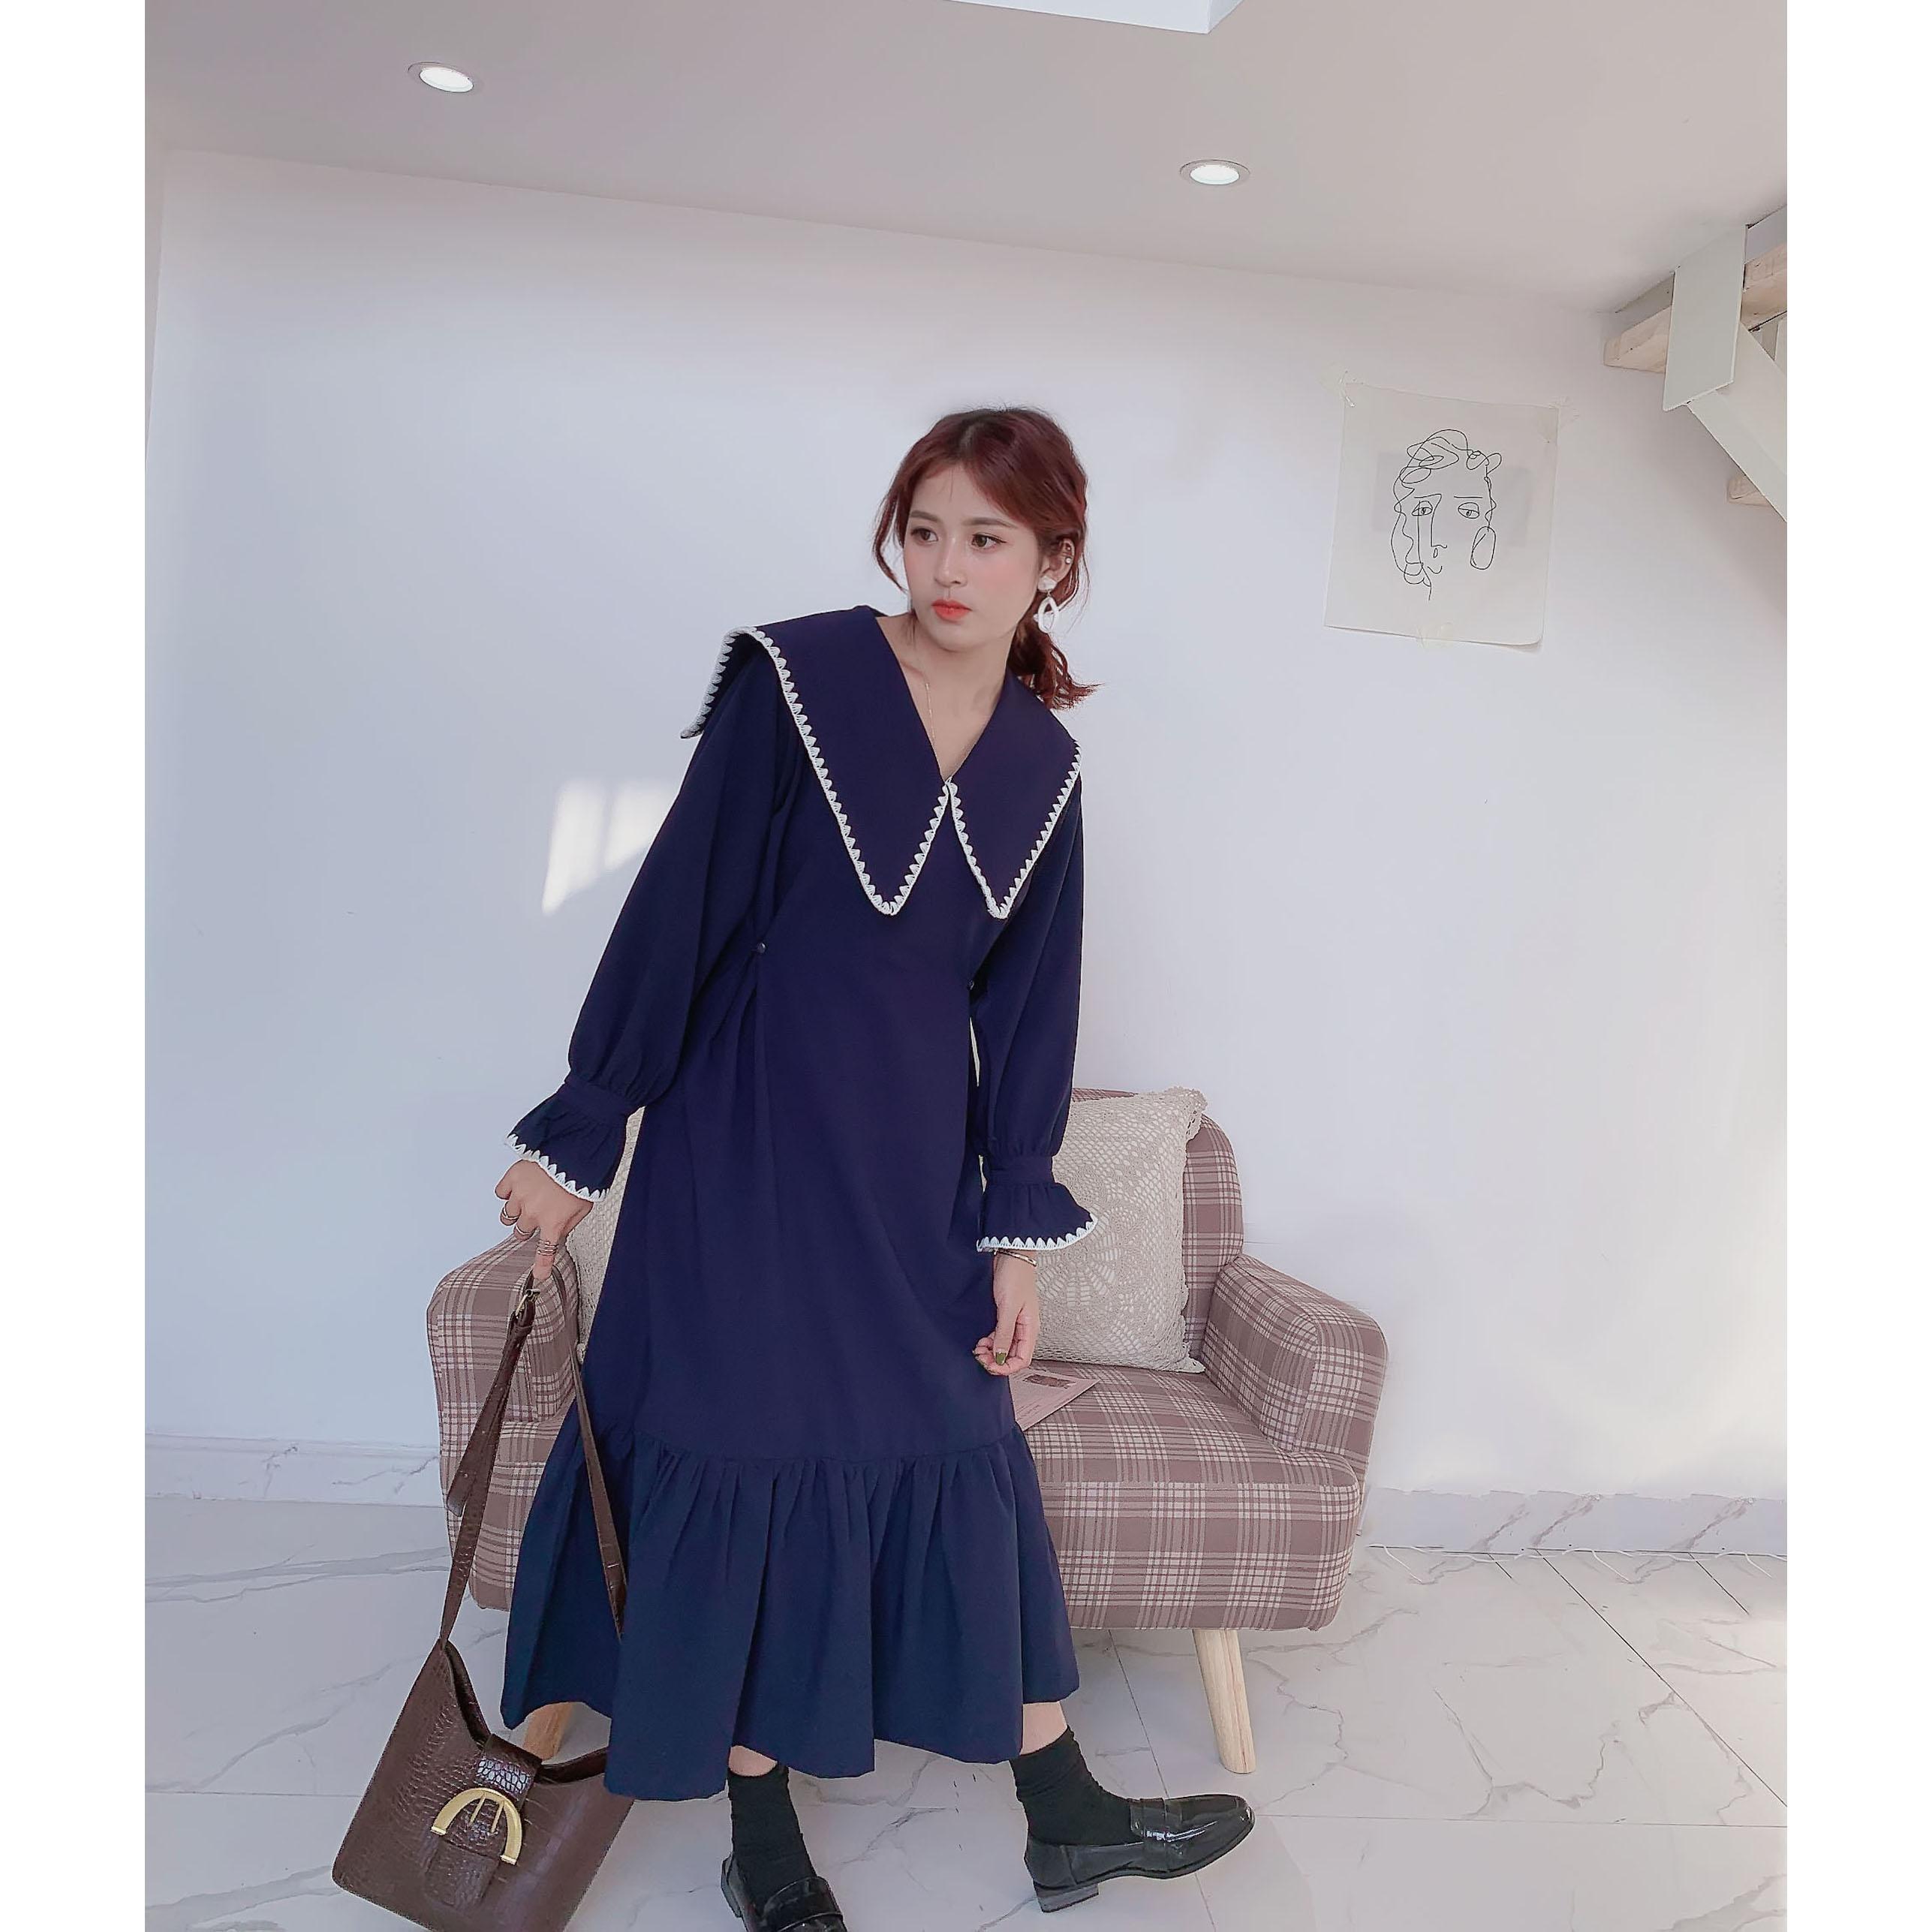 2020秋季新款法式复古长袖衬衫裙收腰显瘦中长款气质连衣裙女纯色